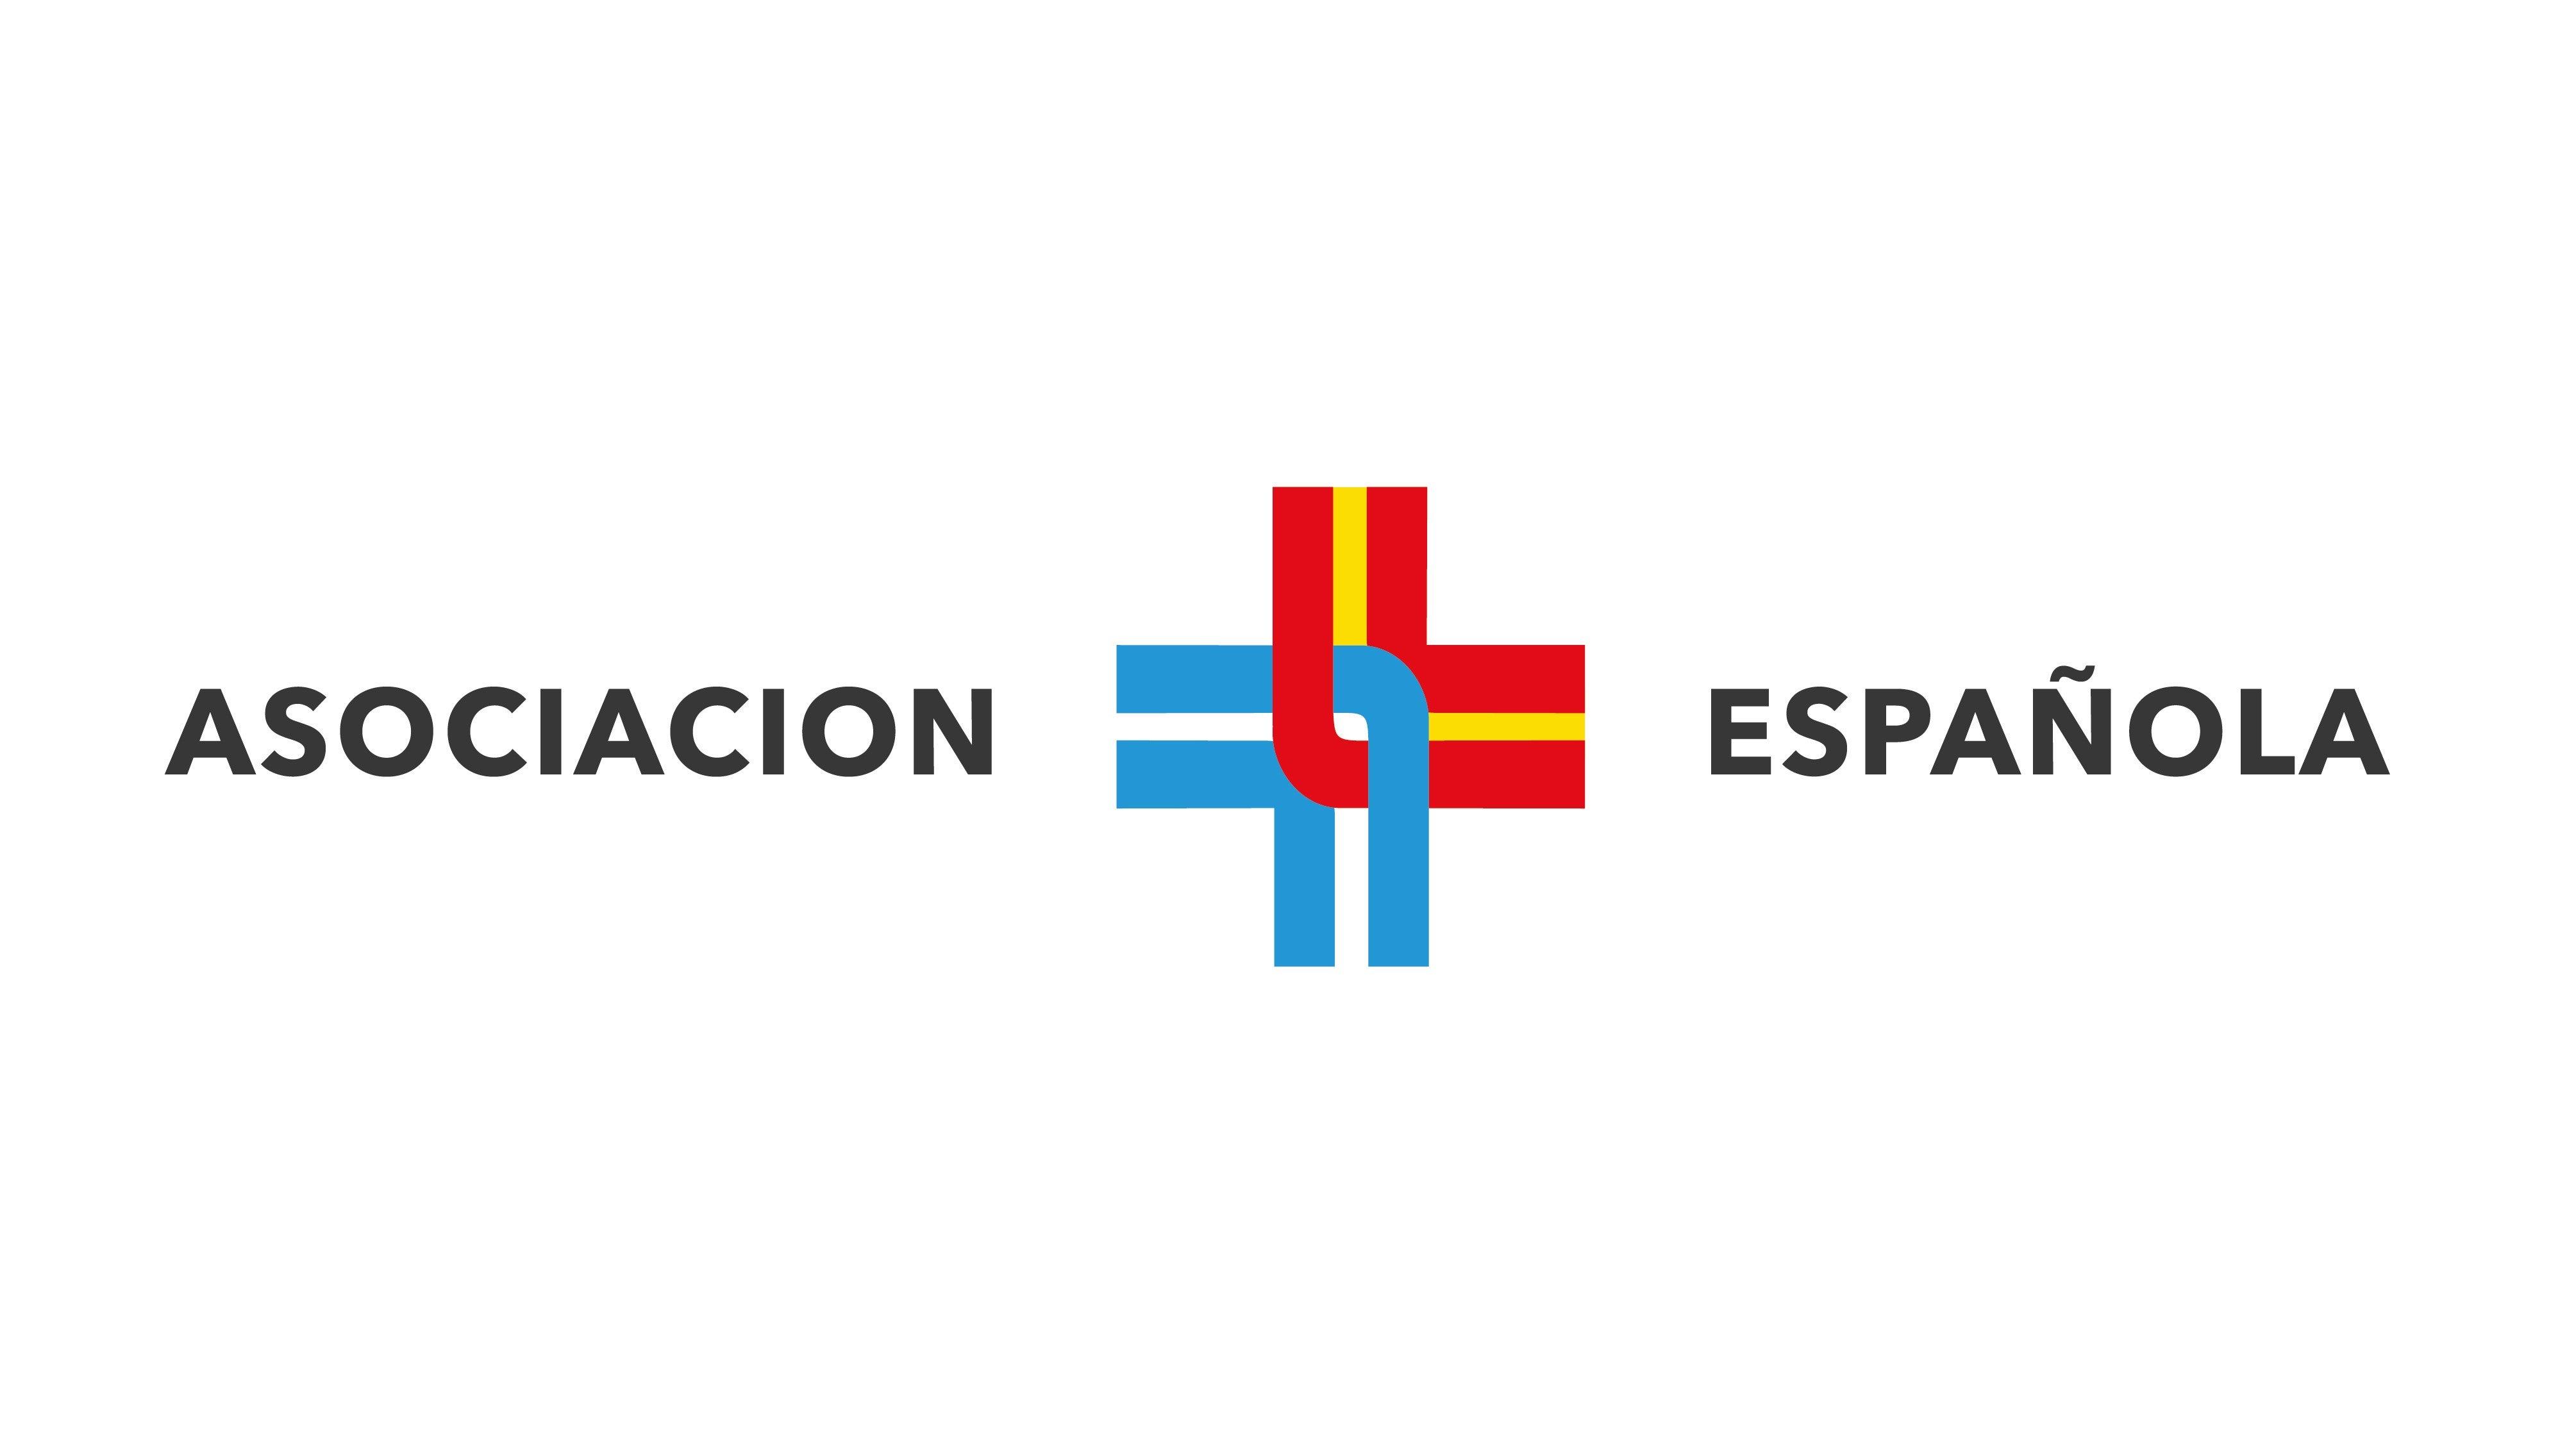 La española.jpg